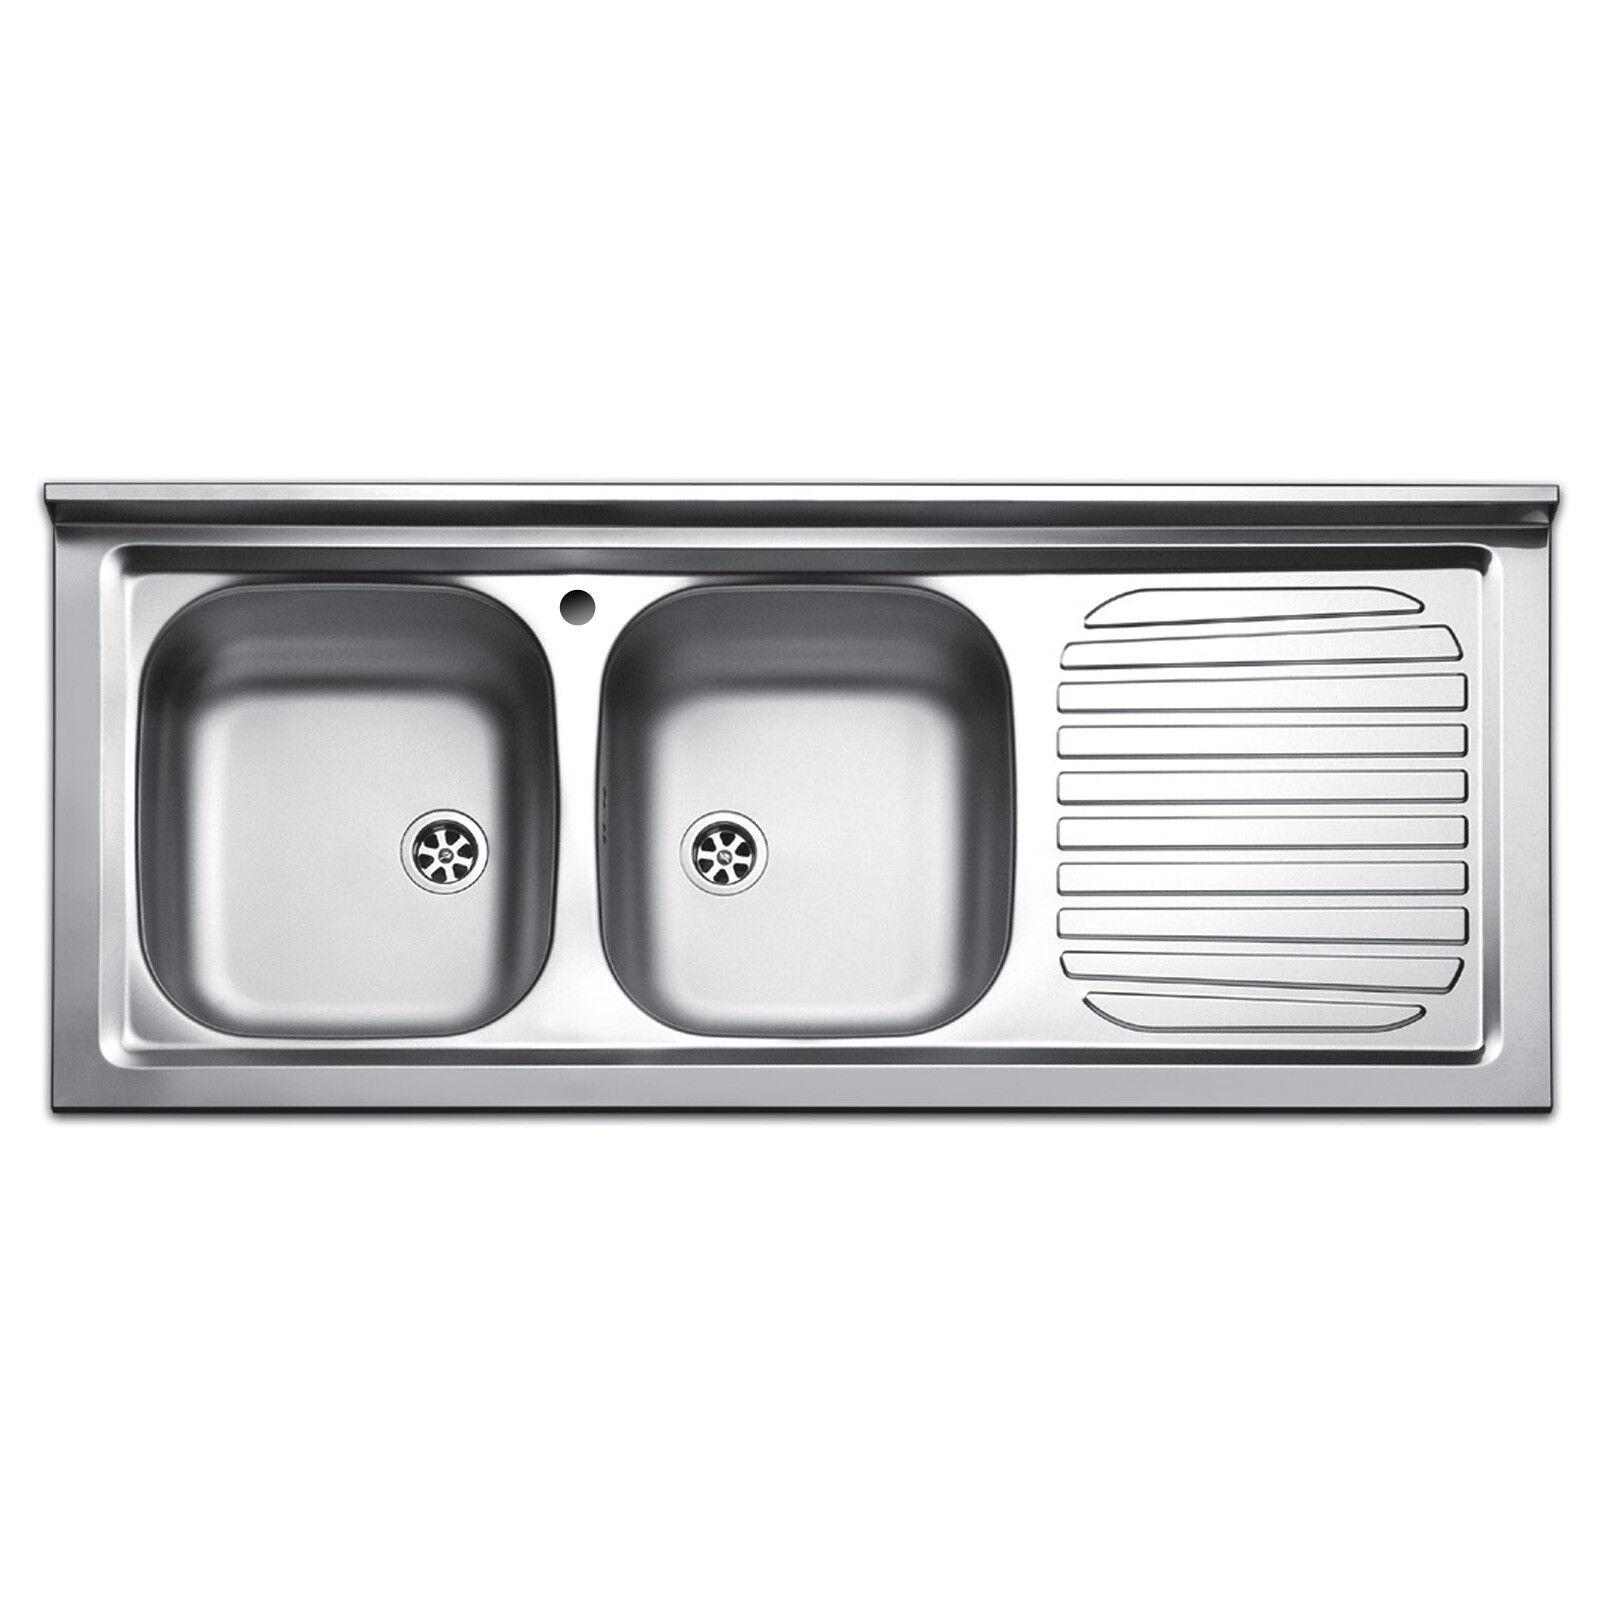 Lavello cucina appoggio acciaio inox lavandino 120 cm 2 vasche e gocciolatoio dx